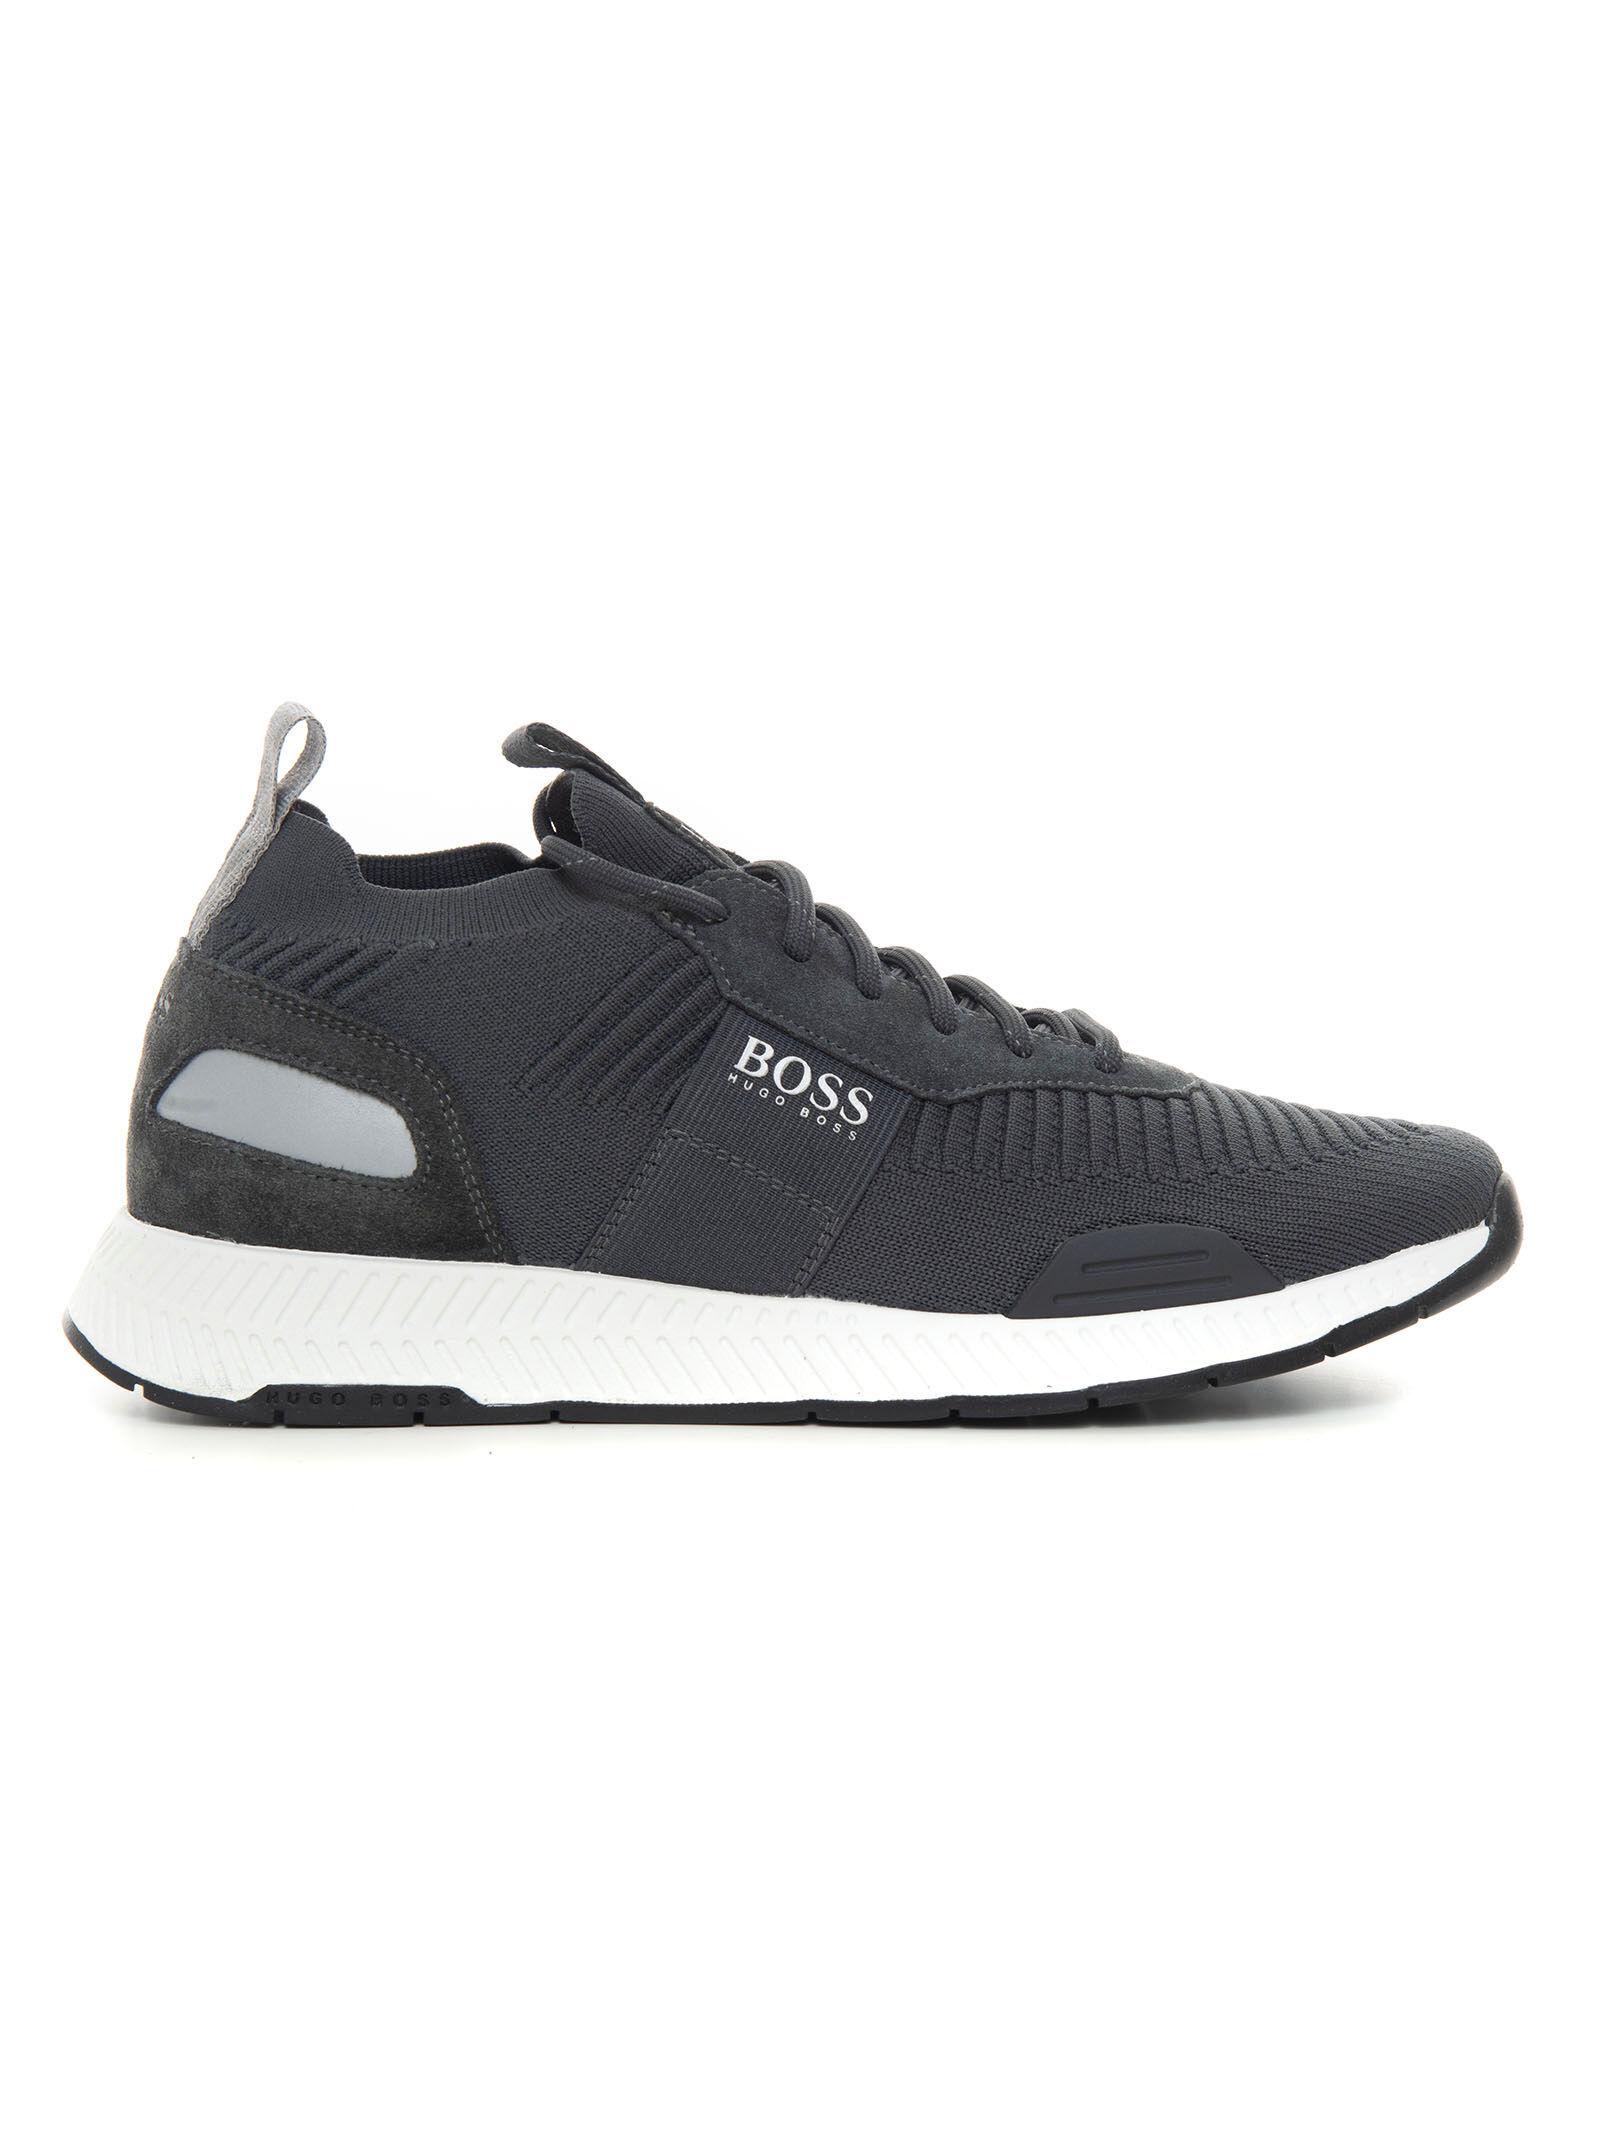 Boss Sneakers con rialzo allacciata Titanium_Runn_Knst1 Grigio scuro Uomo